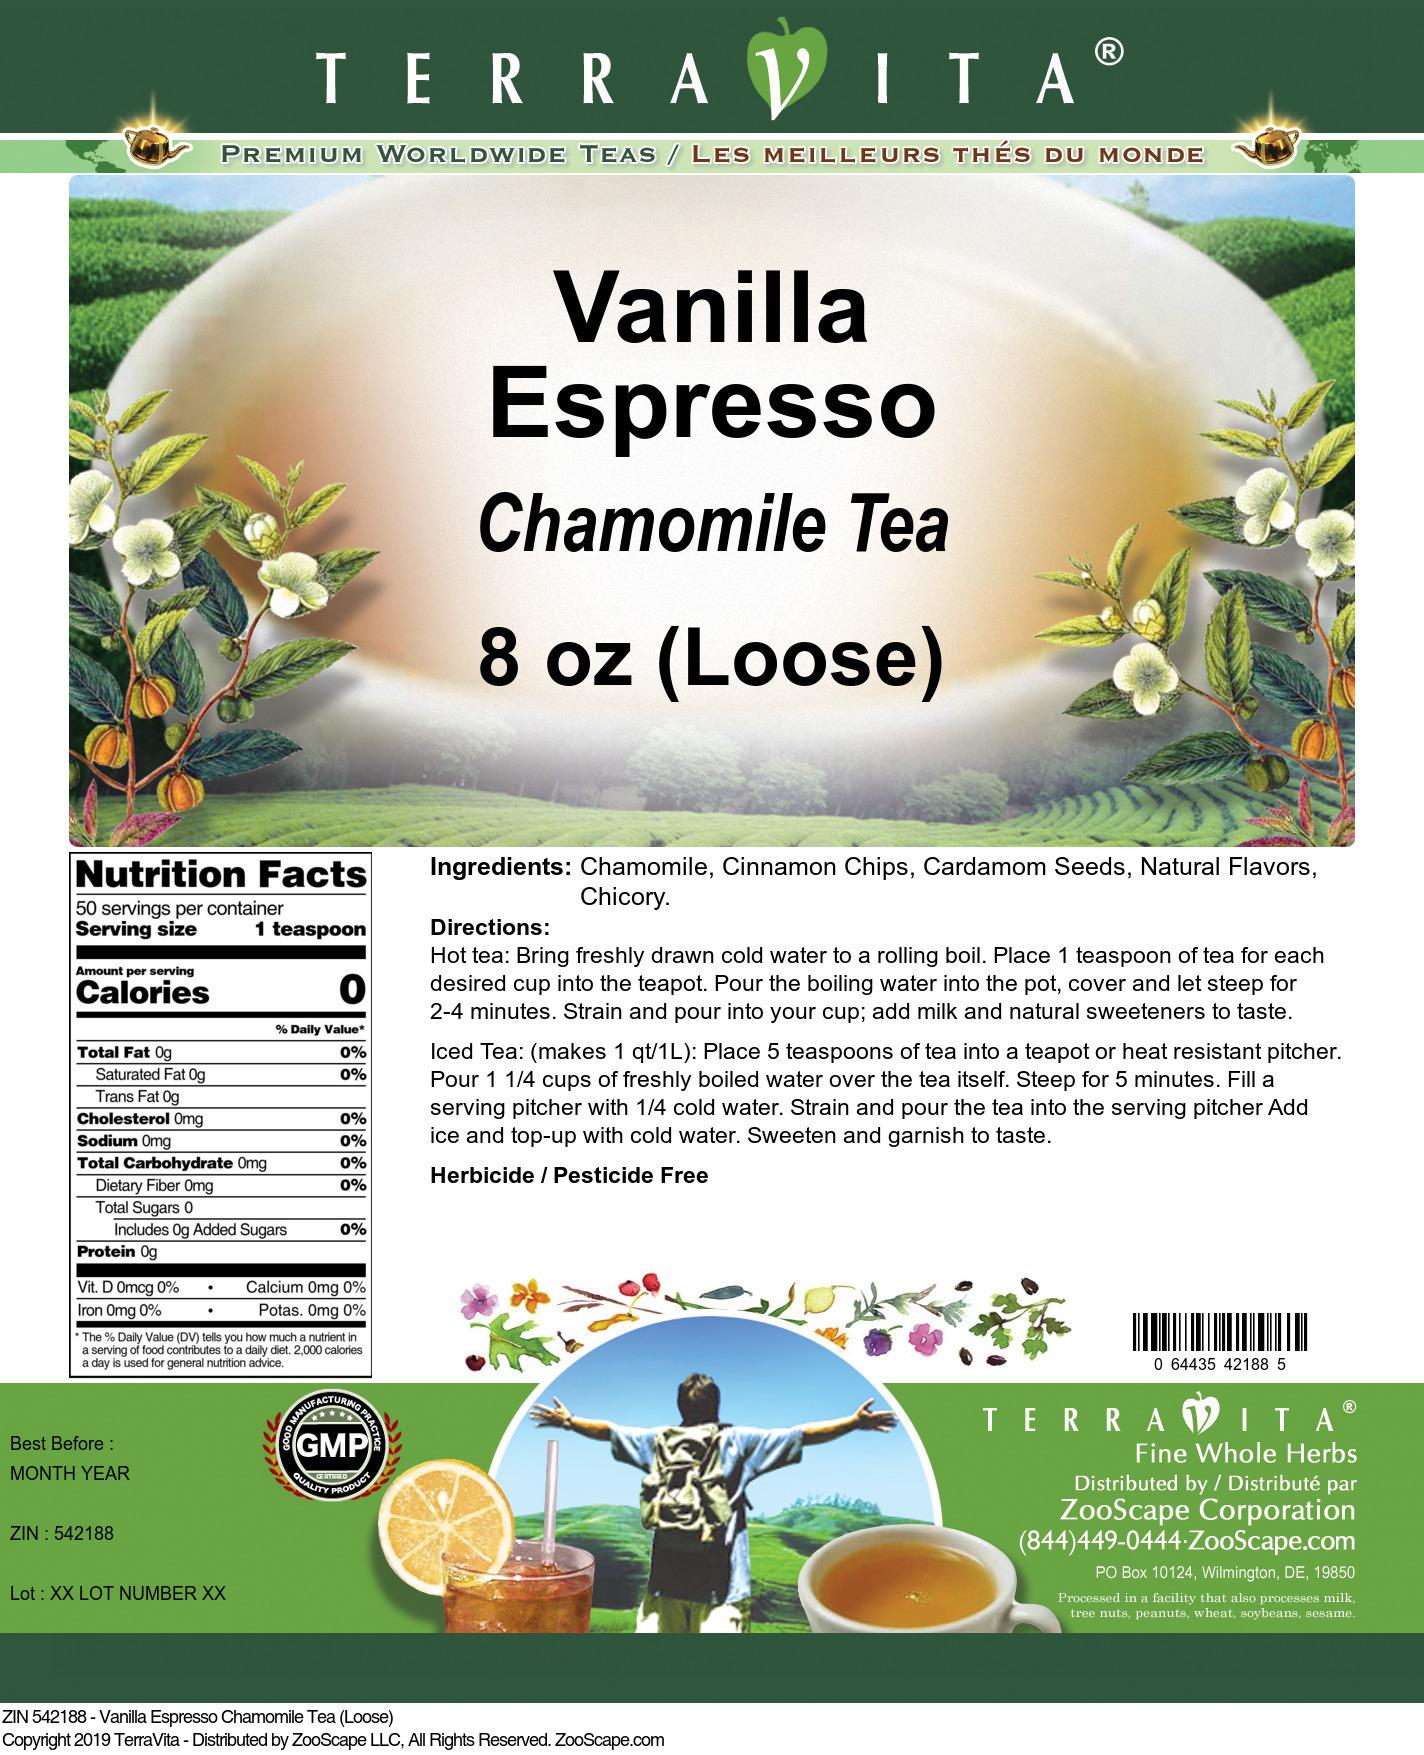 Vanilla Espresso Chamomile Tea (Loose)